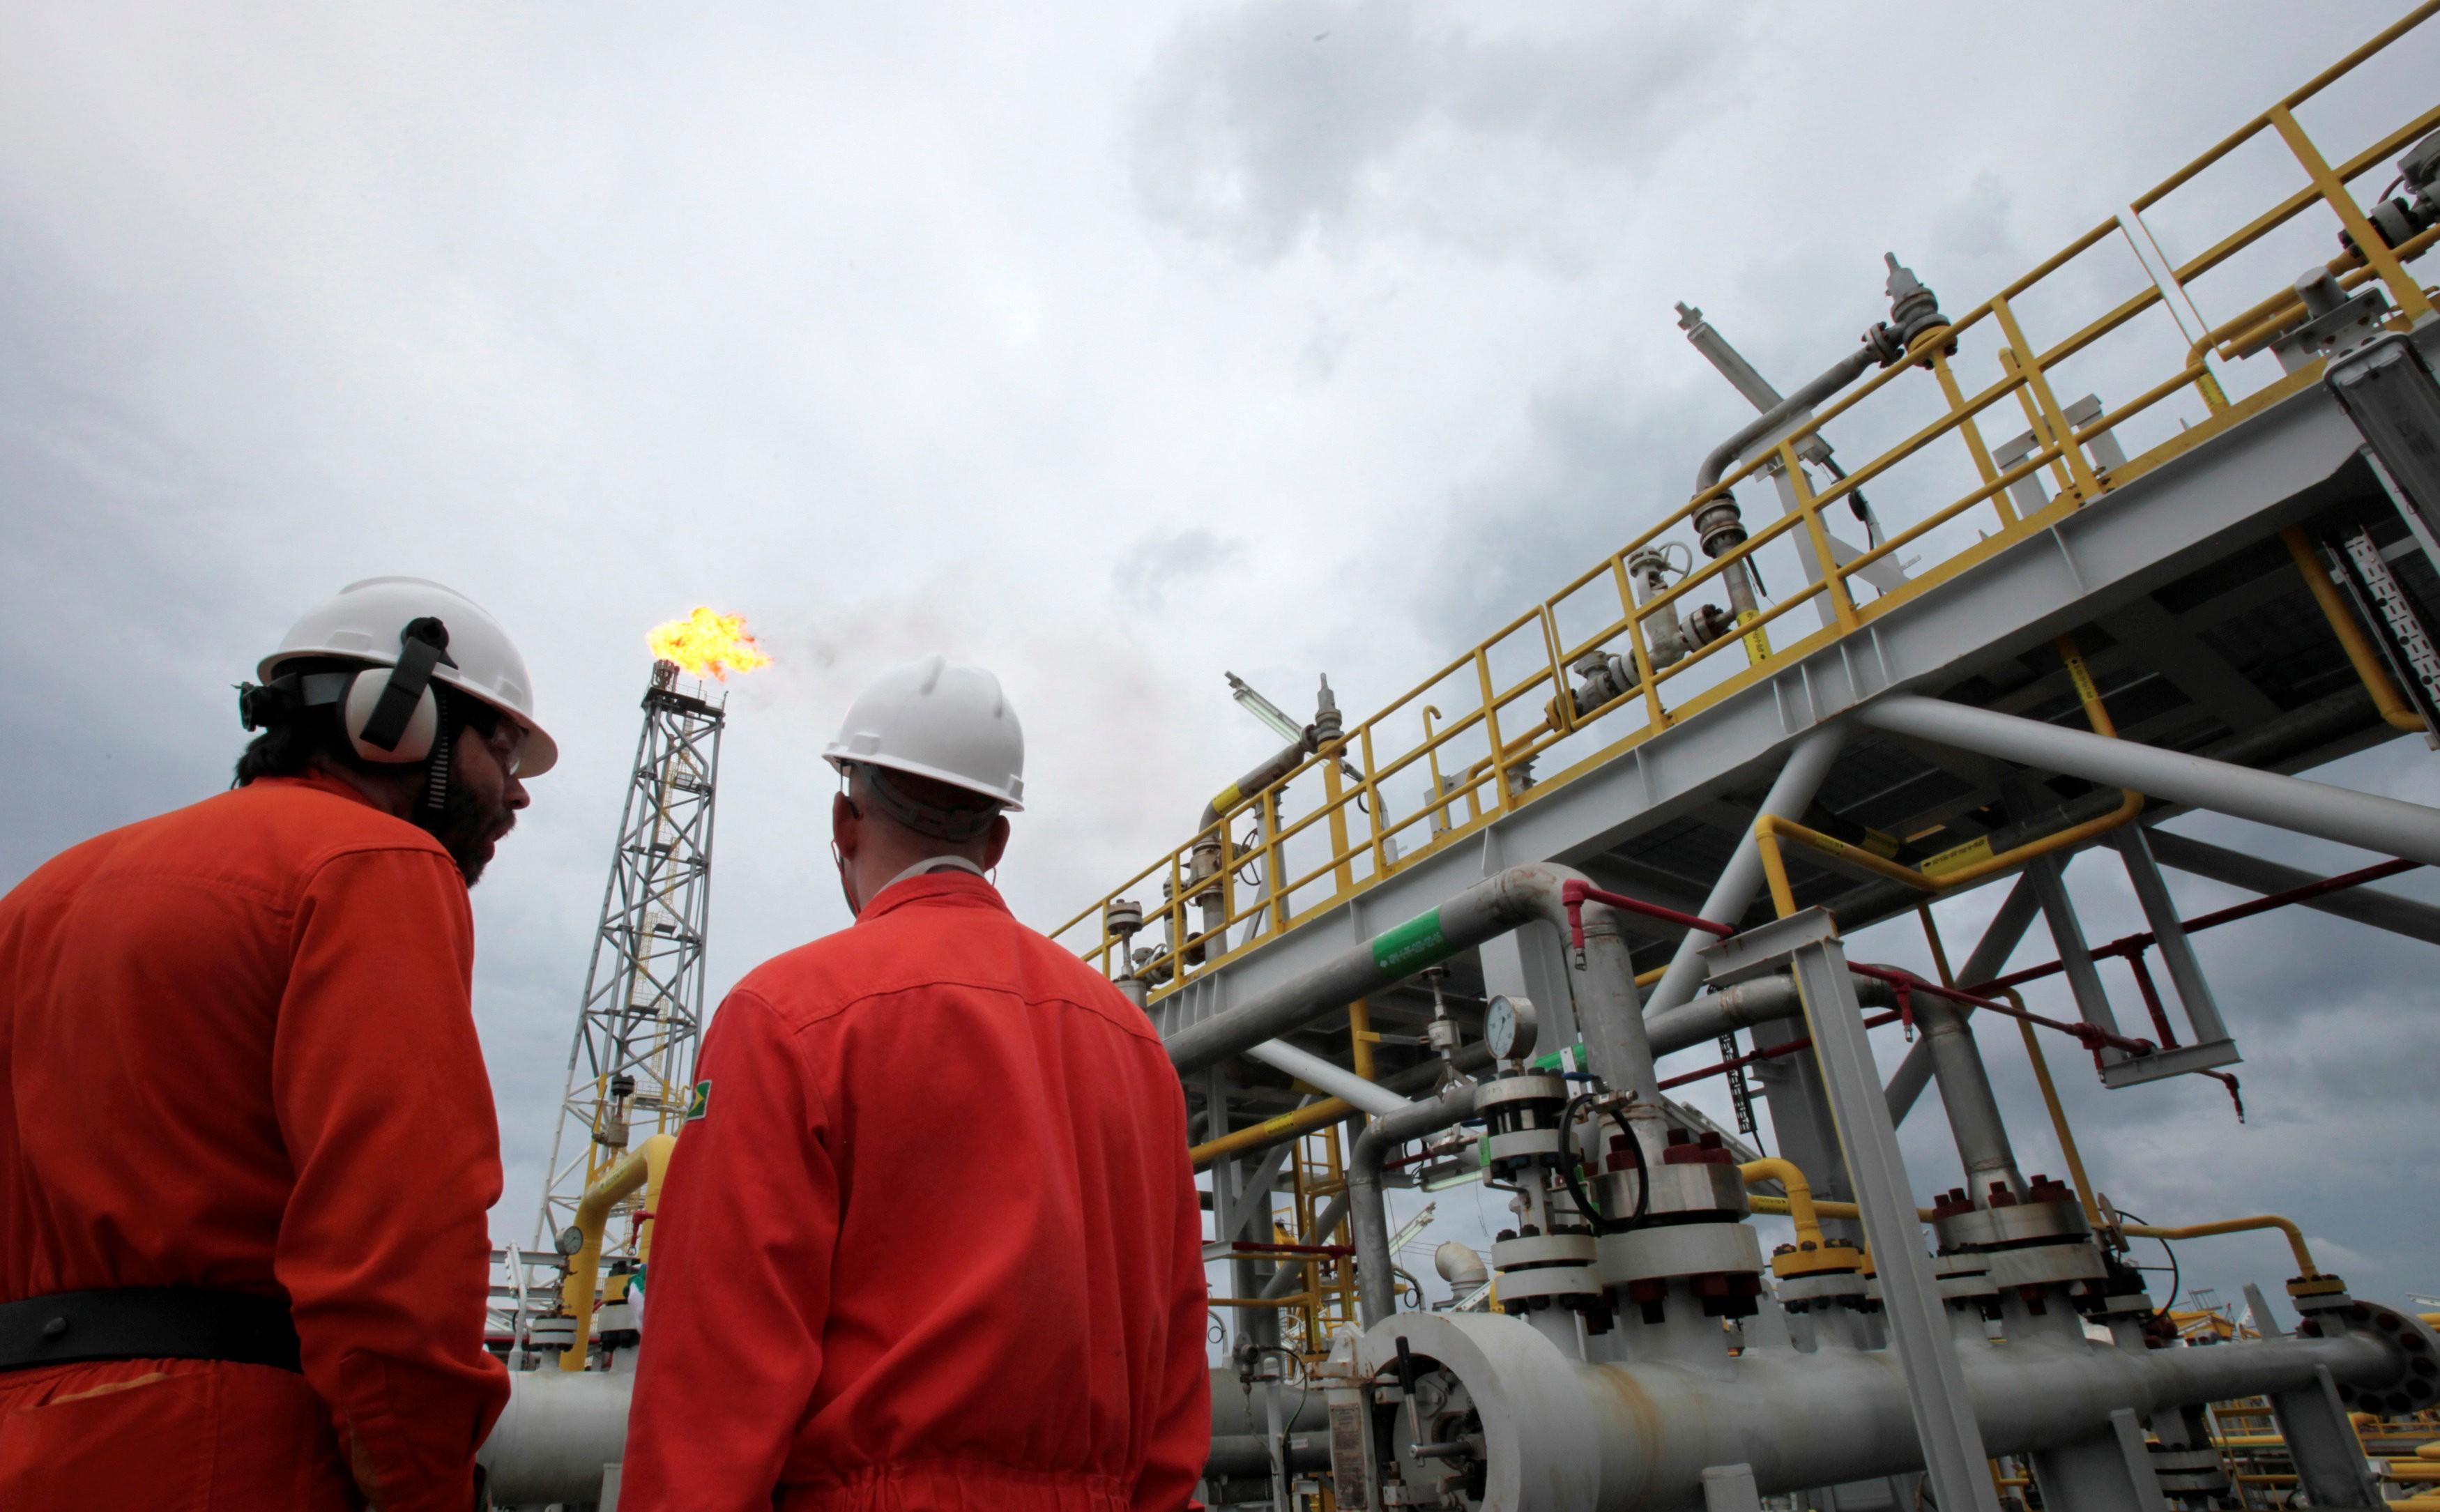 Estado do RJ deve receber R$ 14,8 bilhões em royalties de petróleo em 2020 - Notícias - Plantão Diário